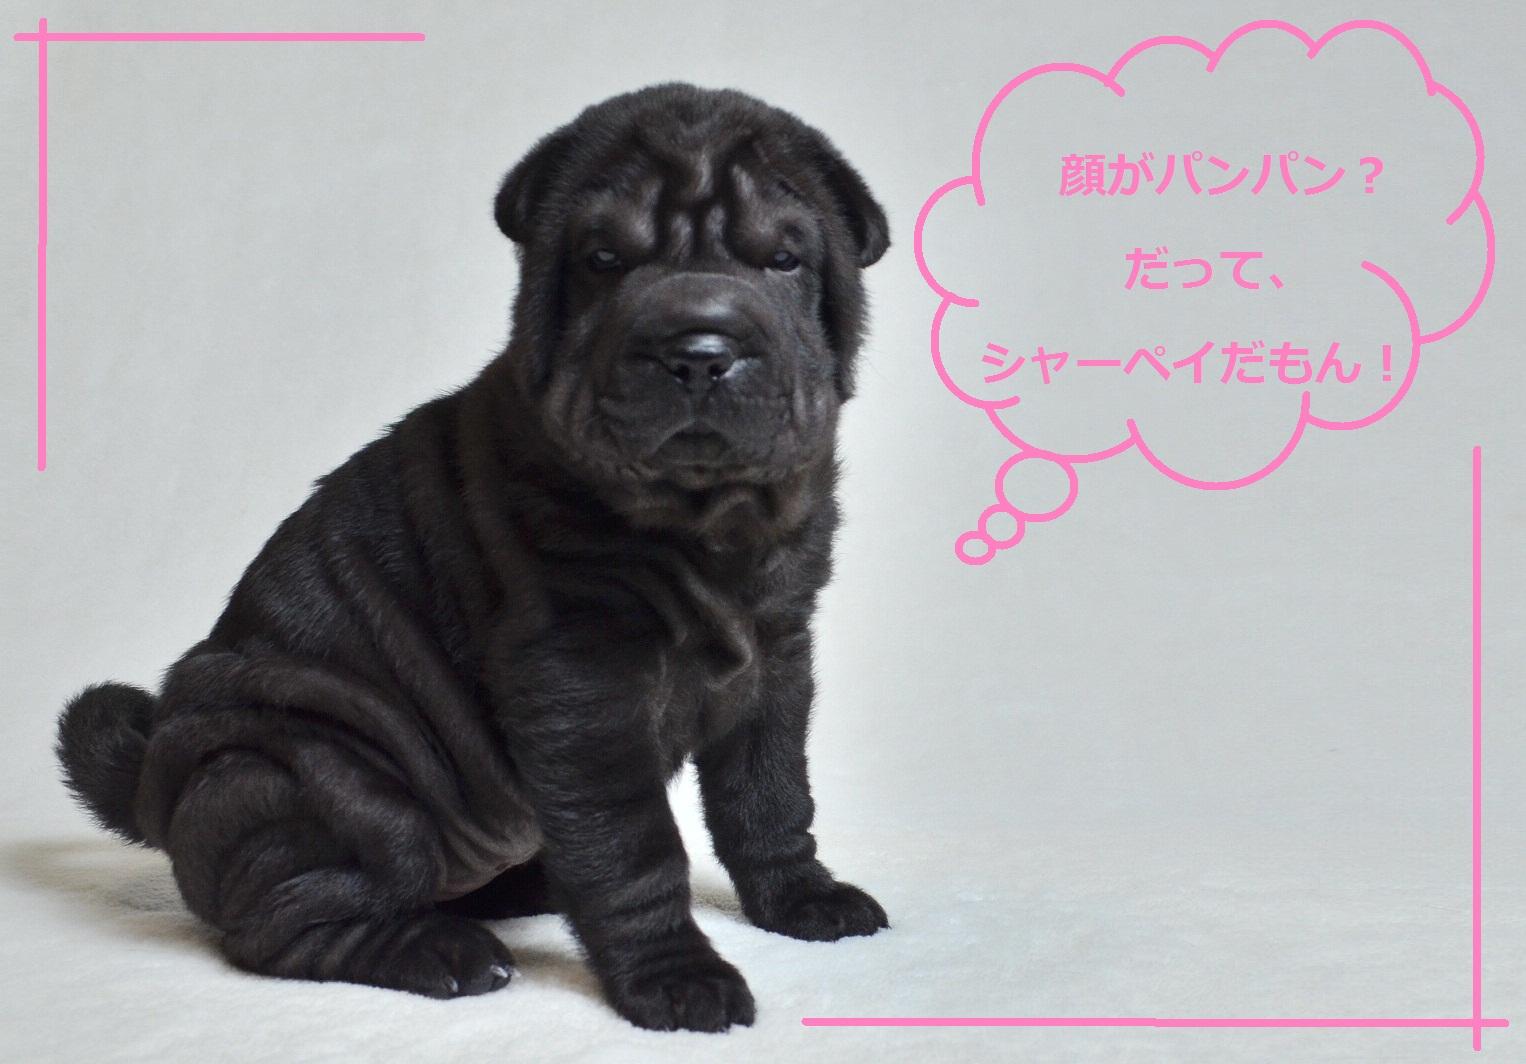 6 シャーペイ仔犬 Shar-Pei baby